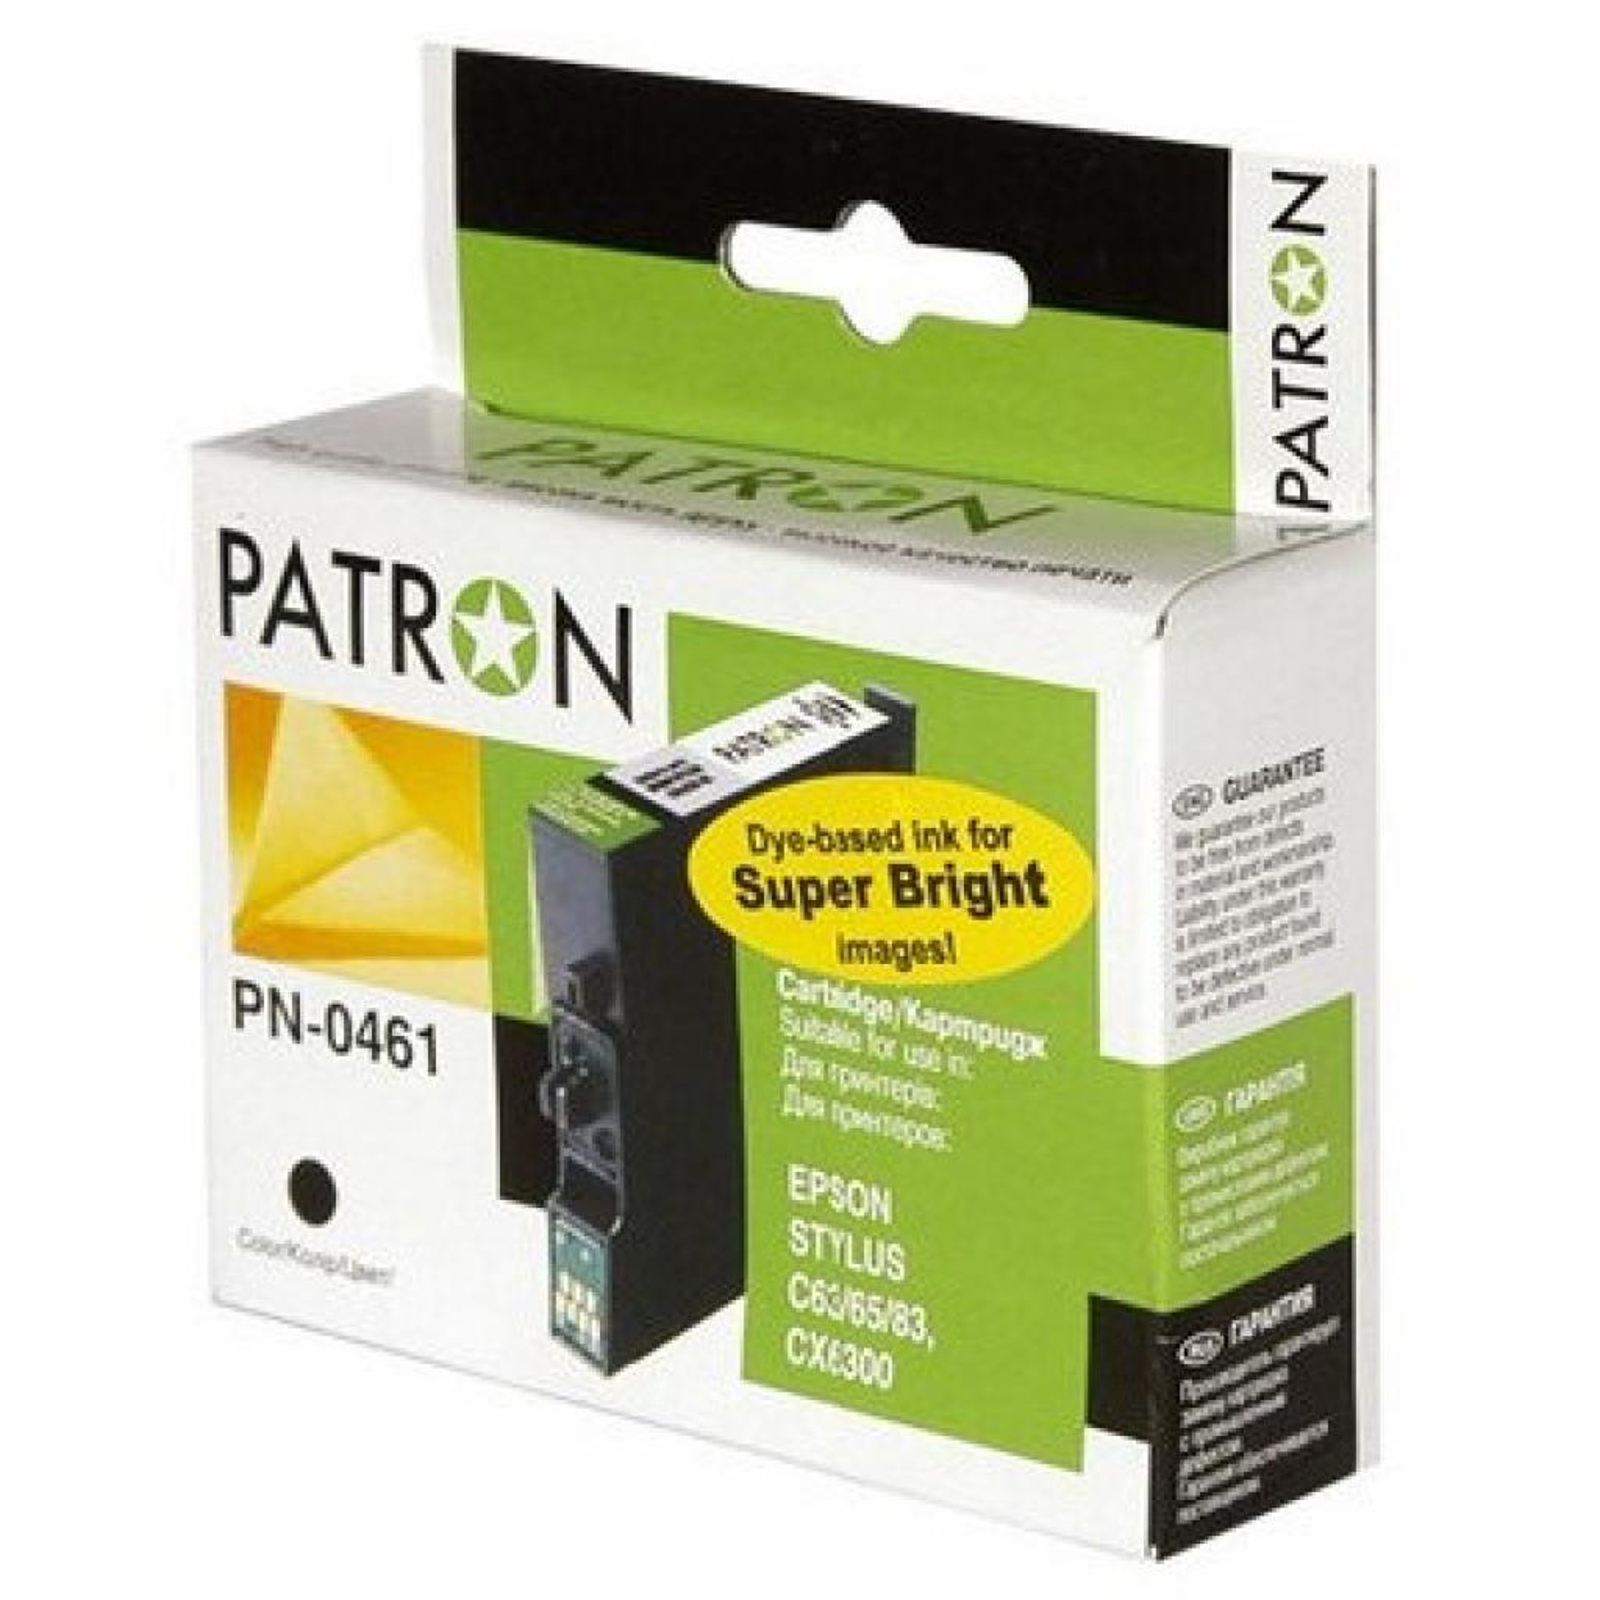 Картридж PATRON для EPSON StC63/65,CX3500 BK/BK Bun (CI-EPS-T046-BP-PN)